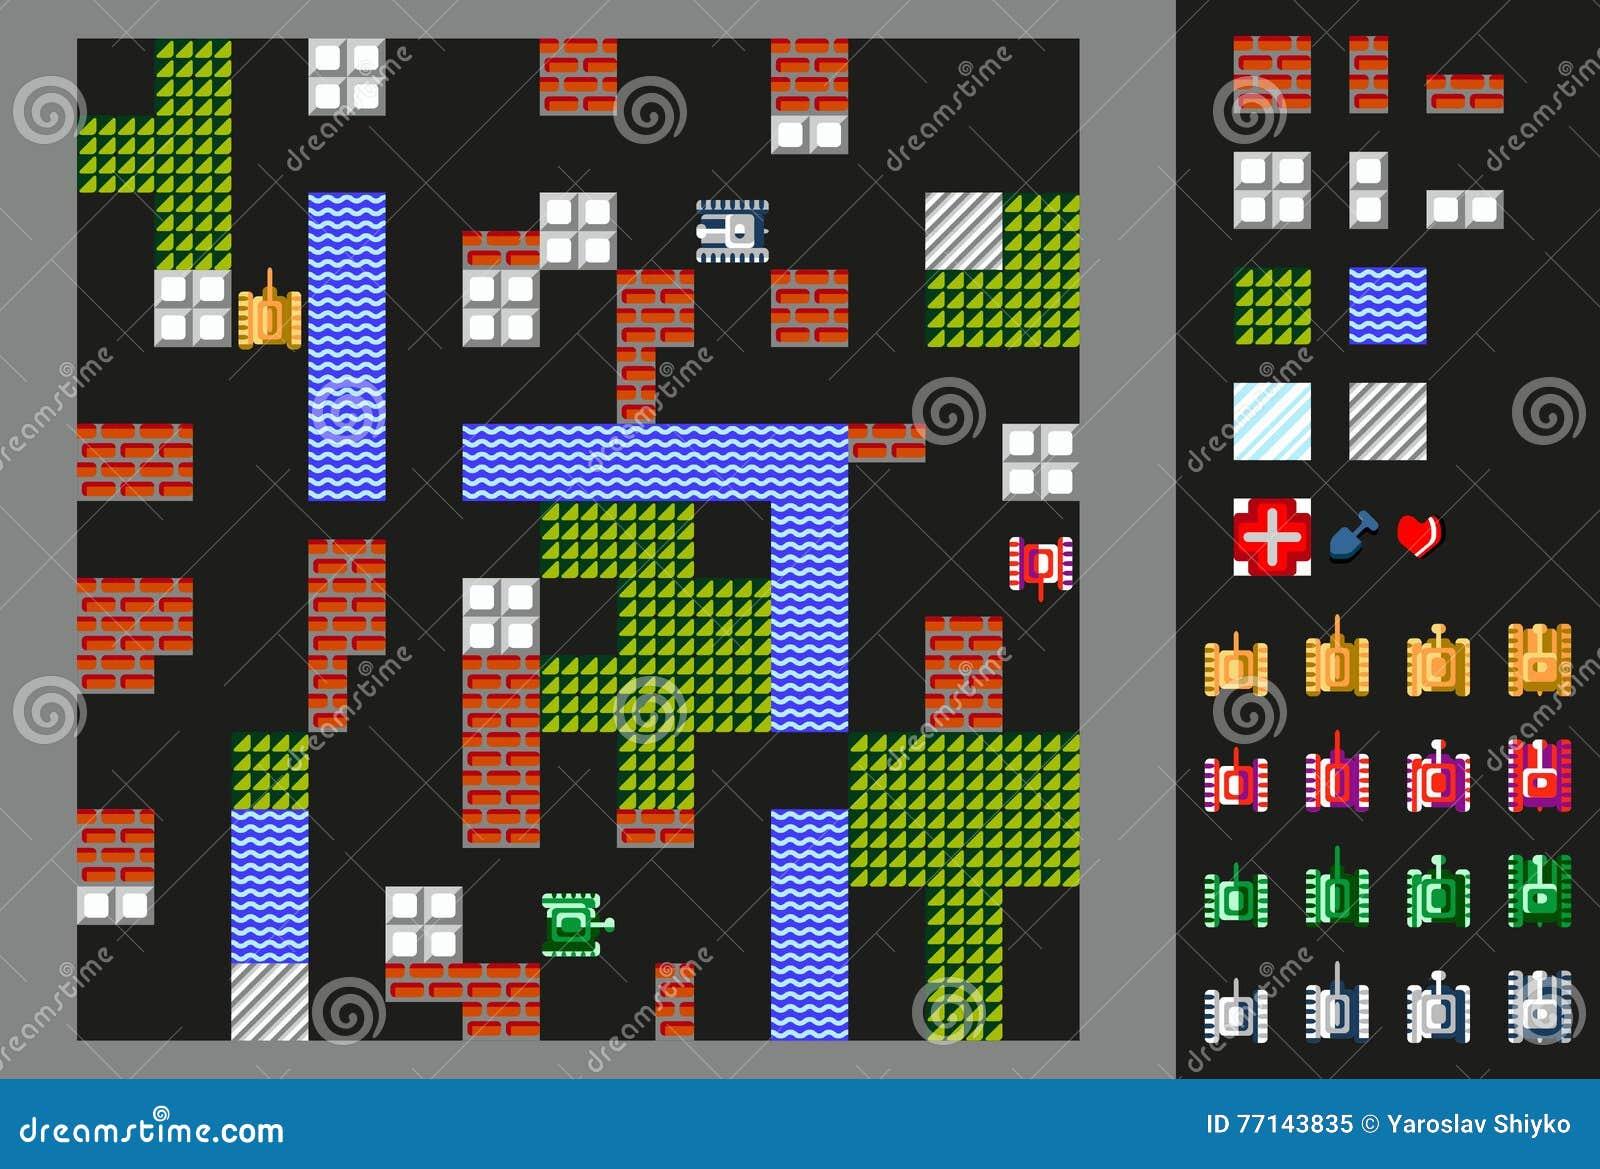 Ретро видеоигра Пользовательский интерфейс с танками, местностью и препятствиями